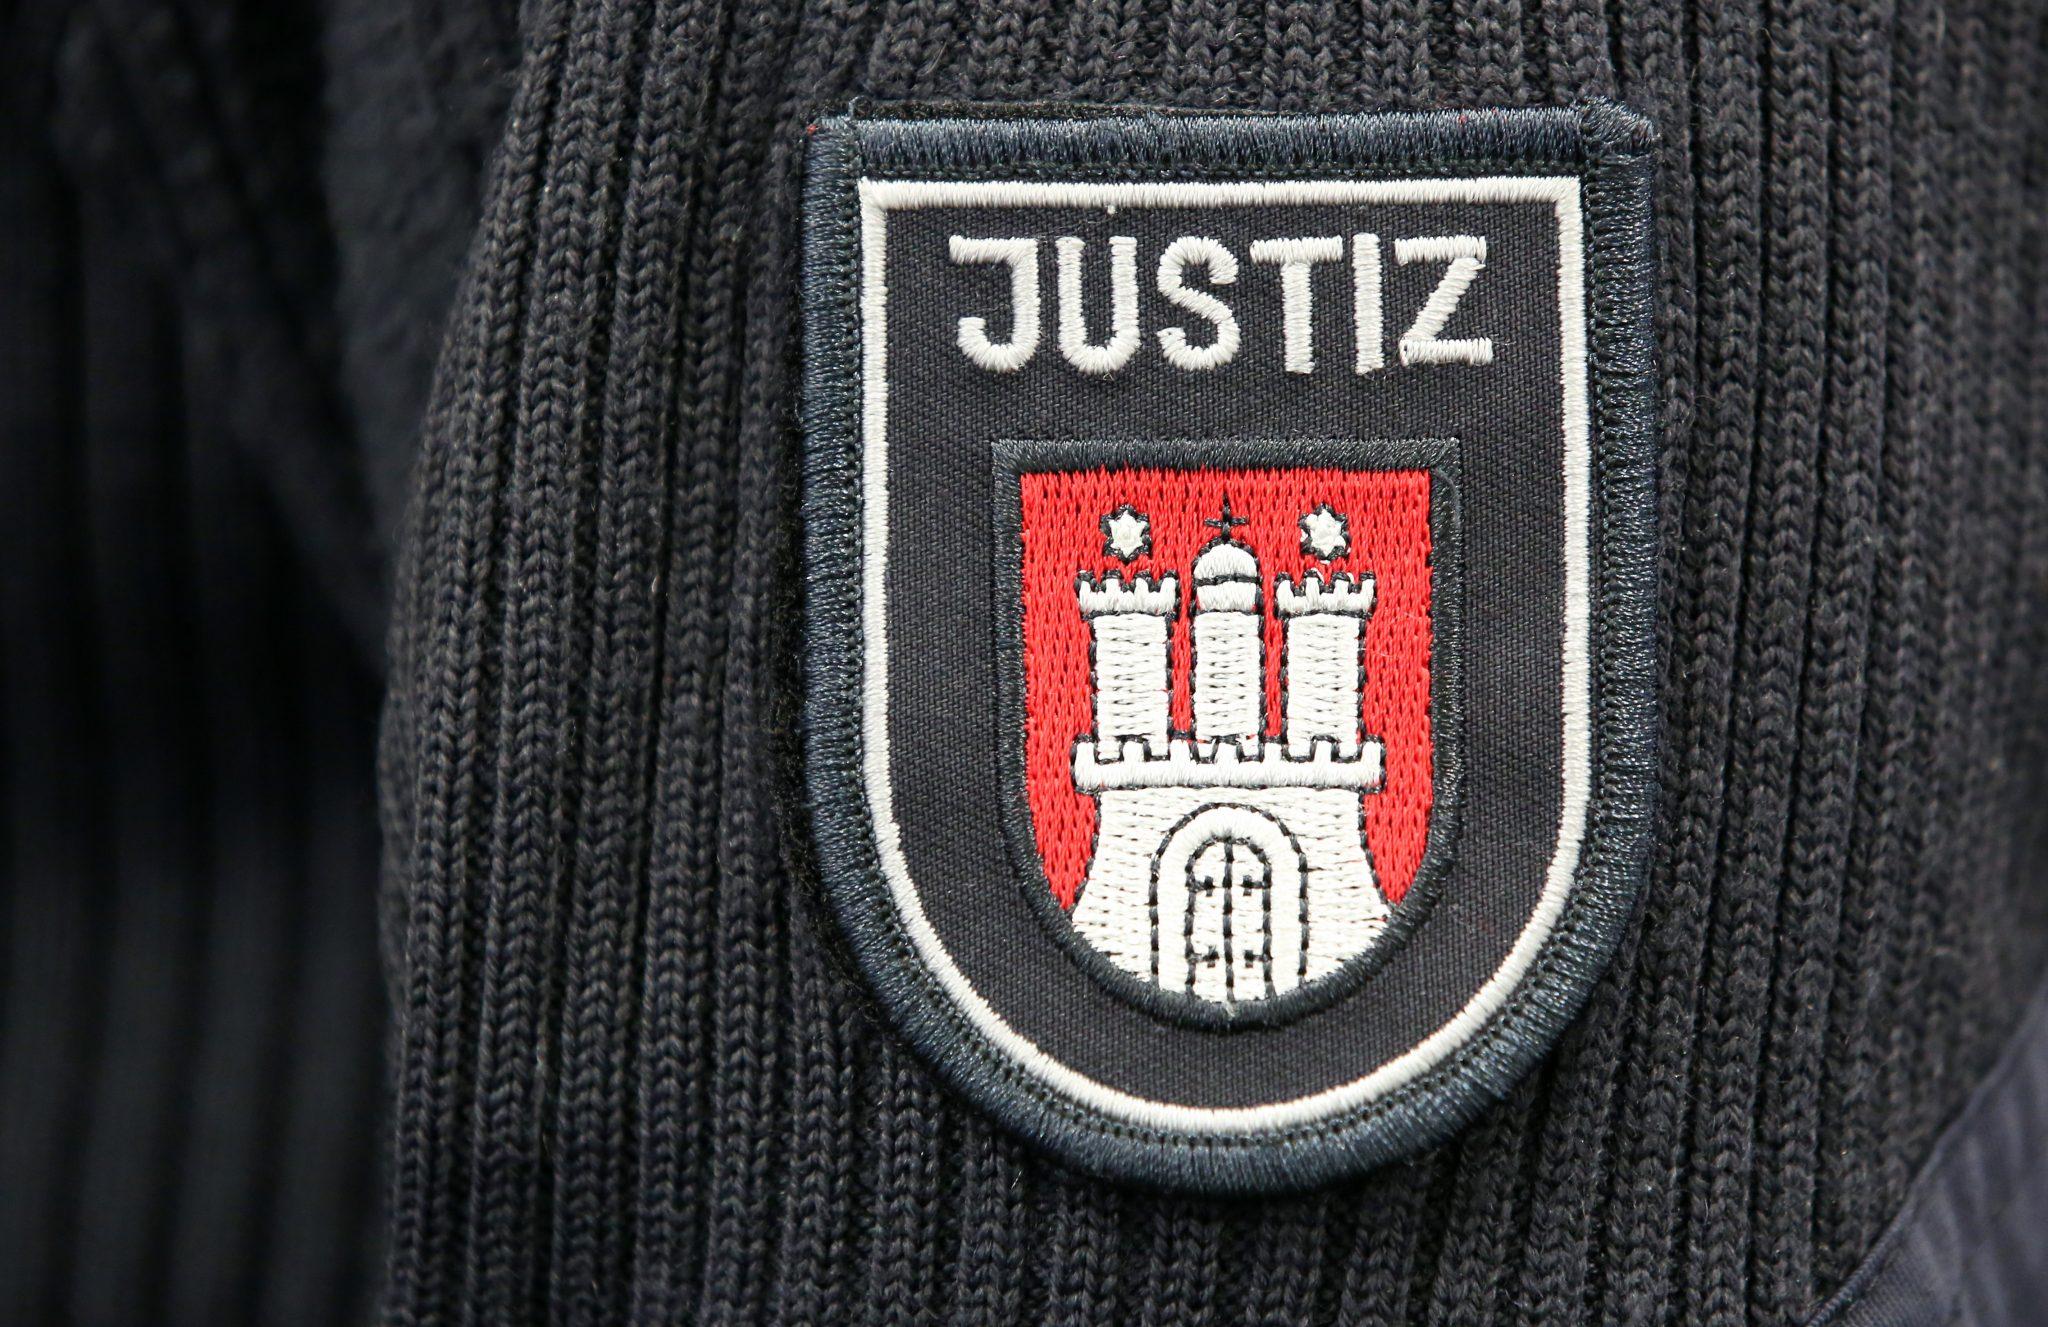 Wappen der Hansestadt Hamburg auf der Uniform eines Justizbeamten Foto: (c) dpa